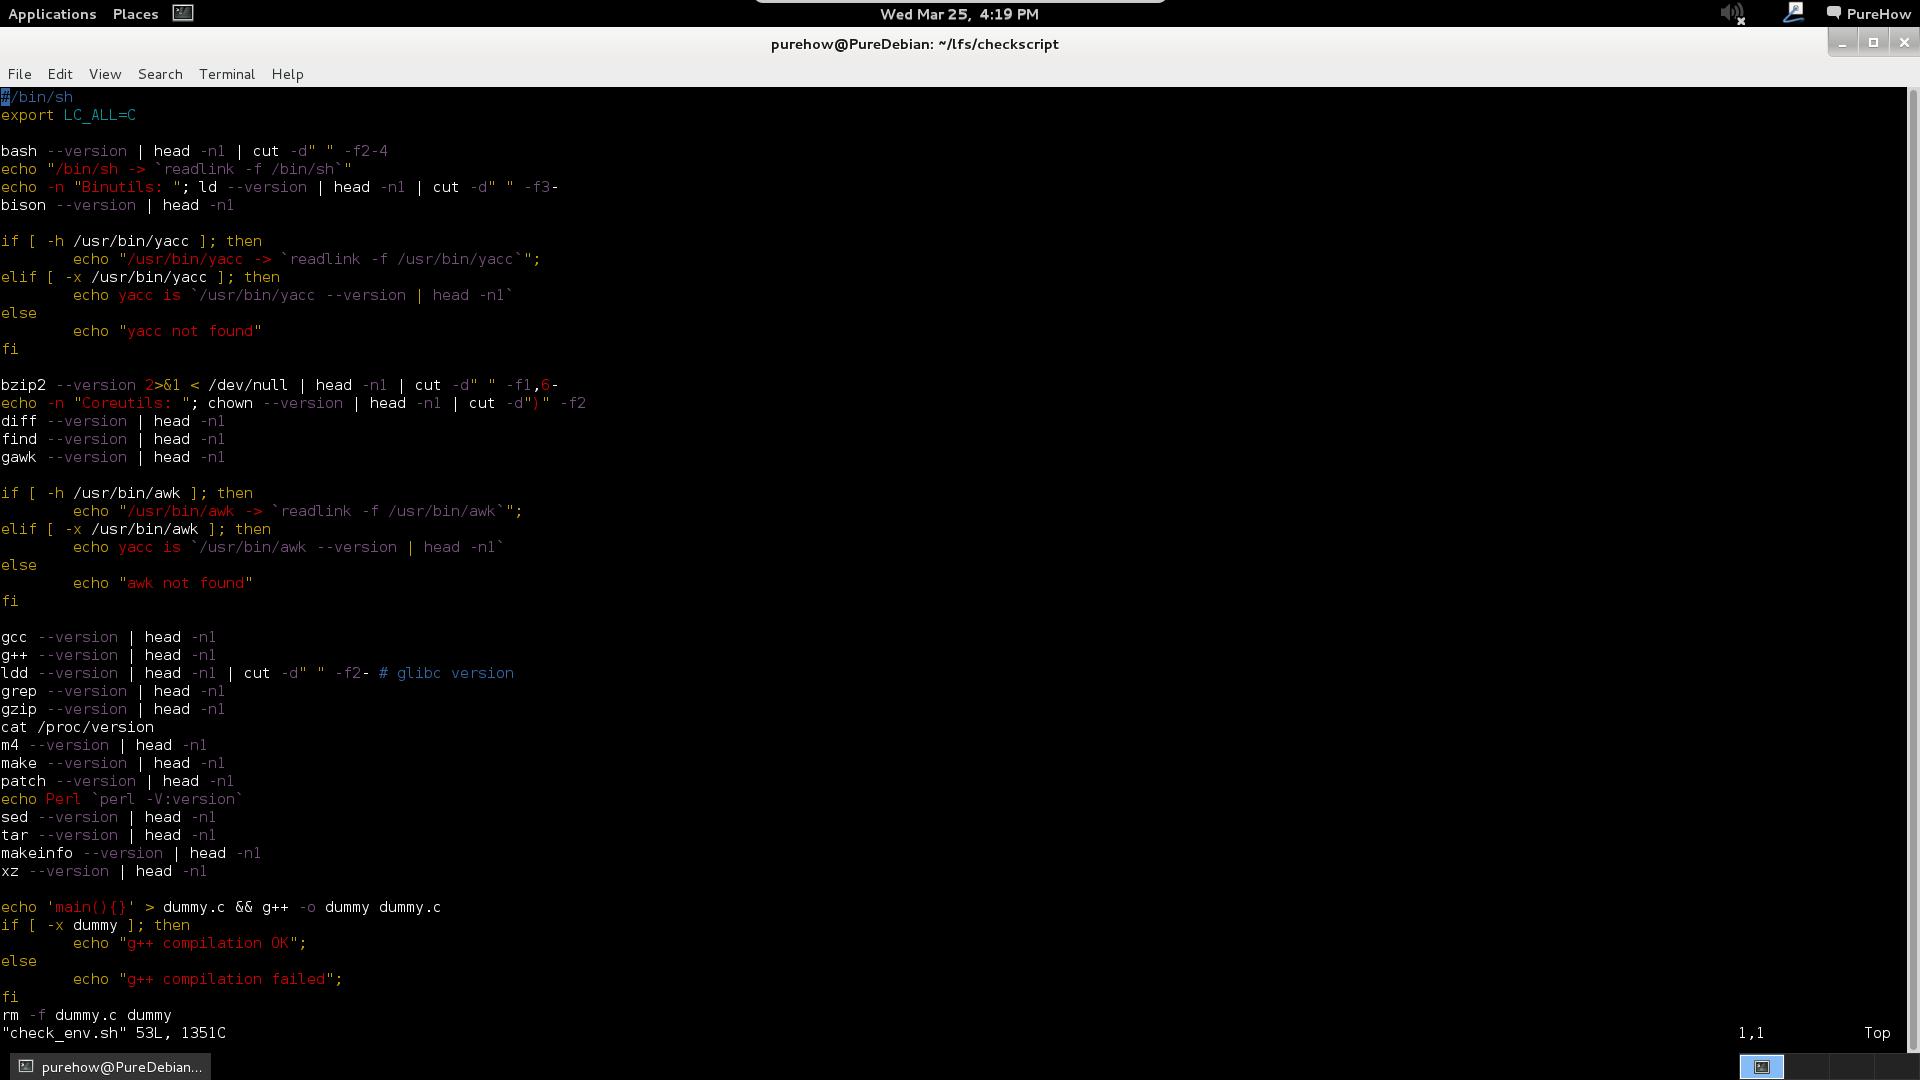 2-CheckScript-check_env.sh